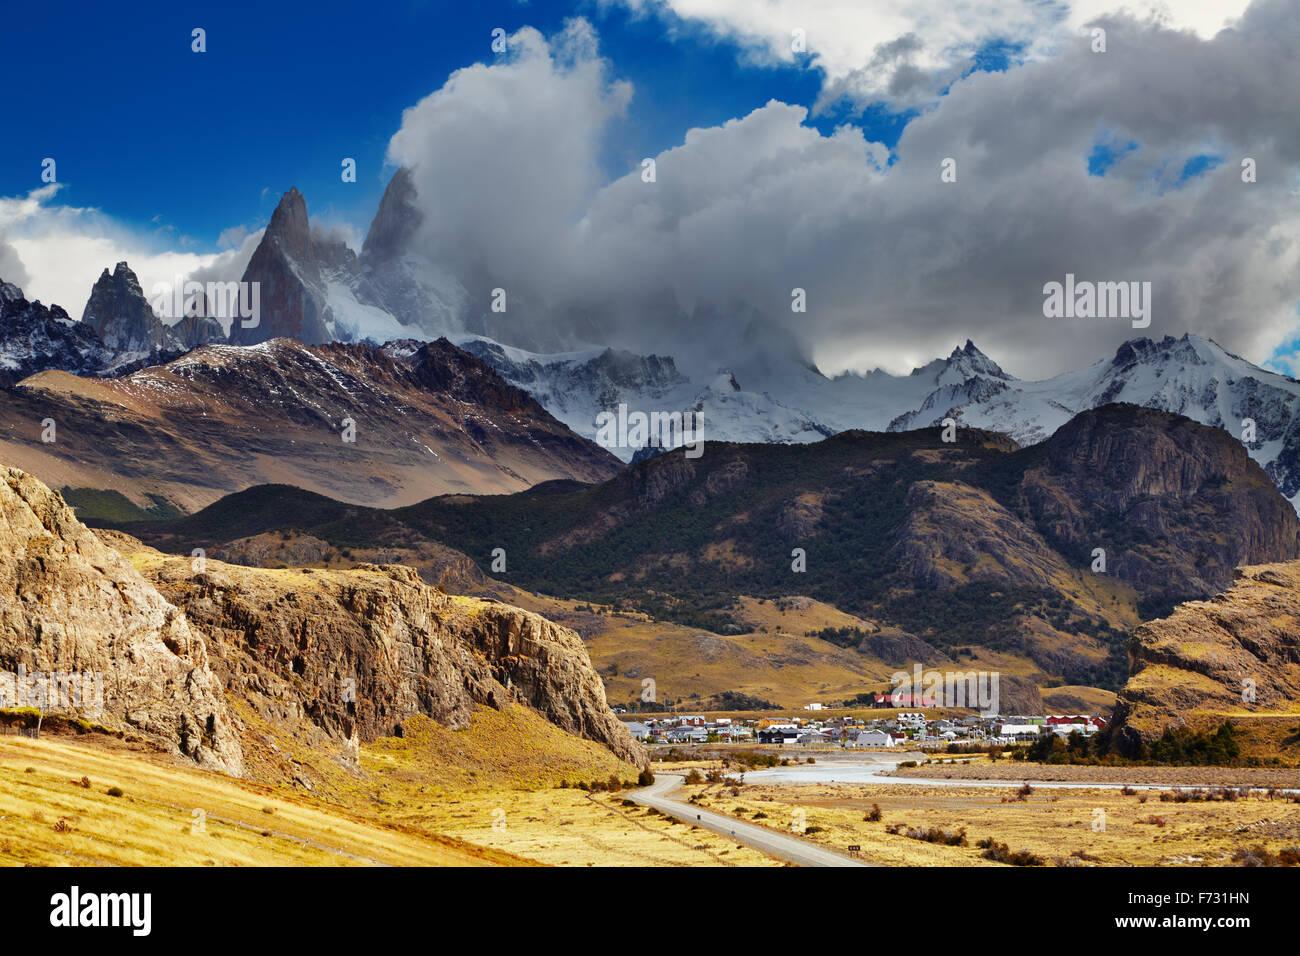 El Chalten ist eine Kleinstadt in der Nähe von Mount Fitz Roy; die trekking Hauptstadt von Argentinien Stockbild